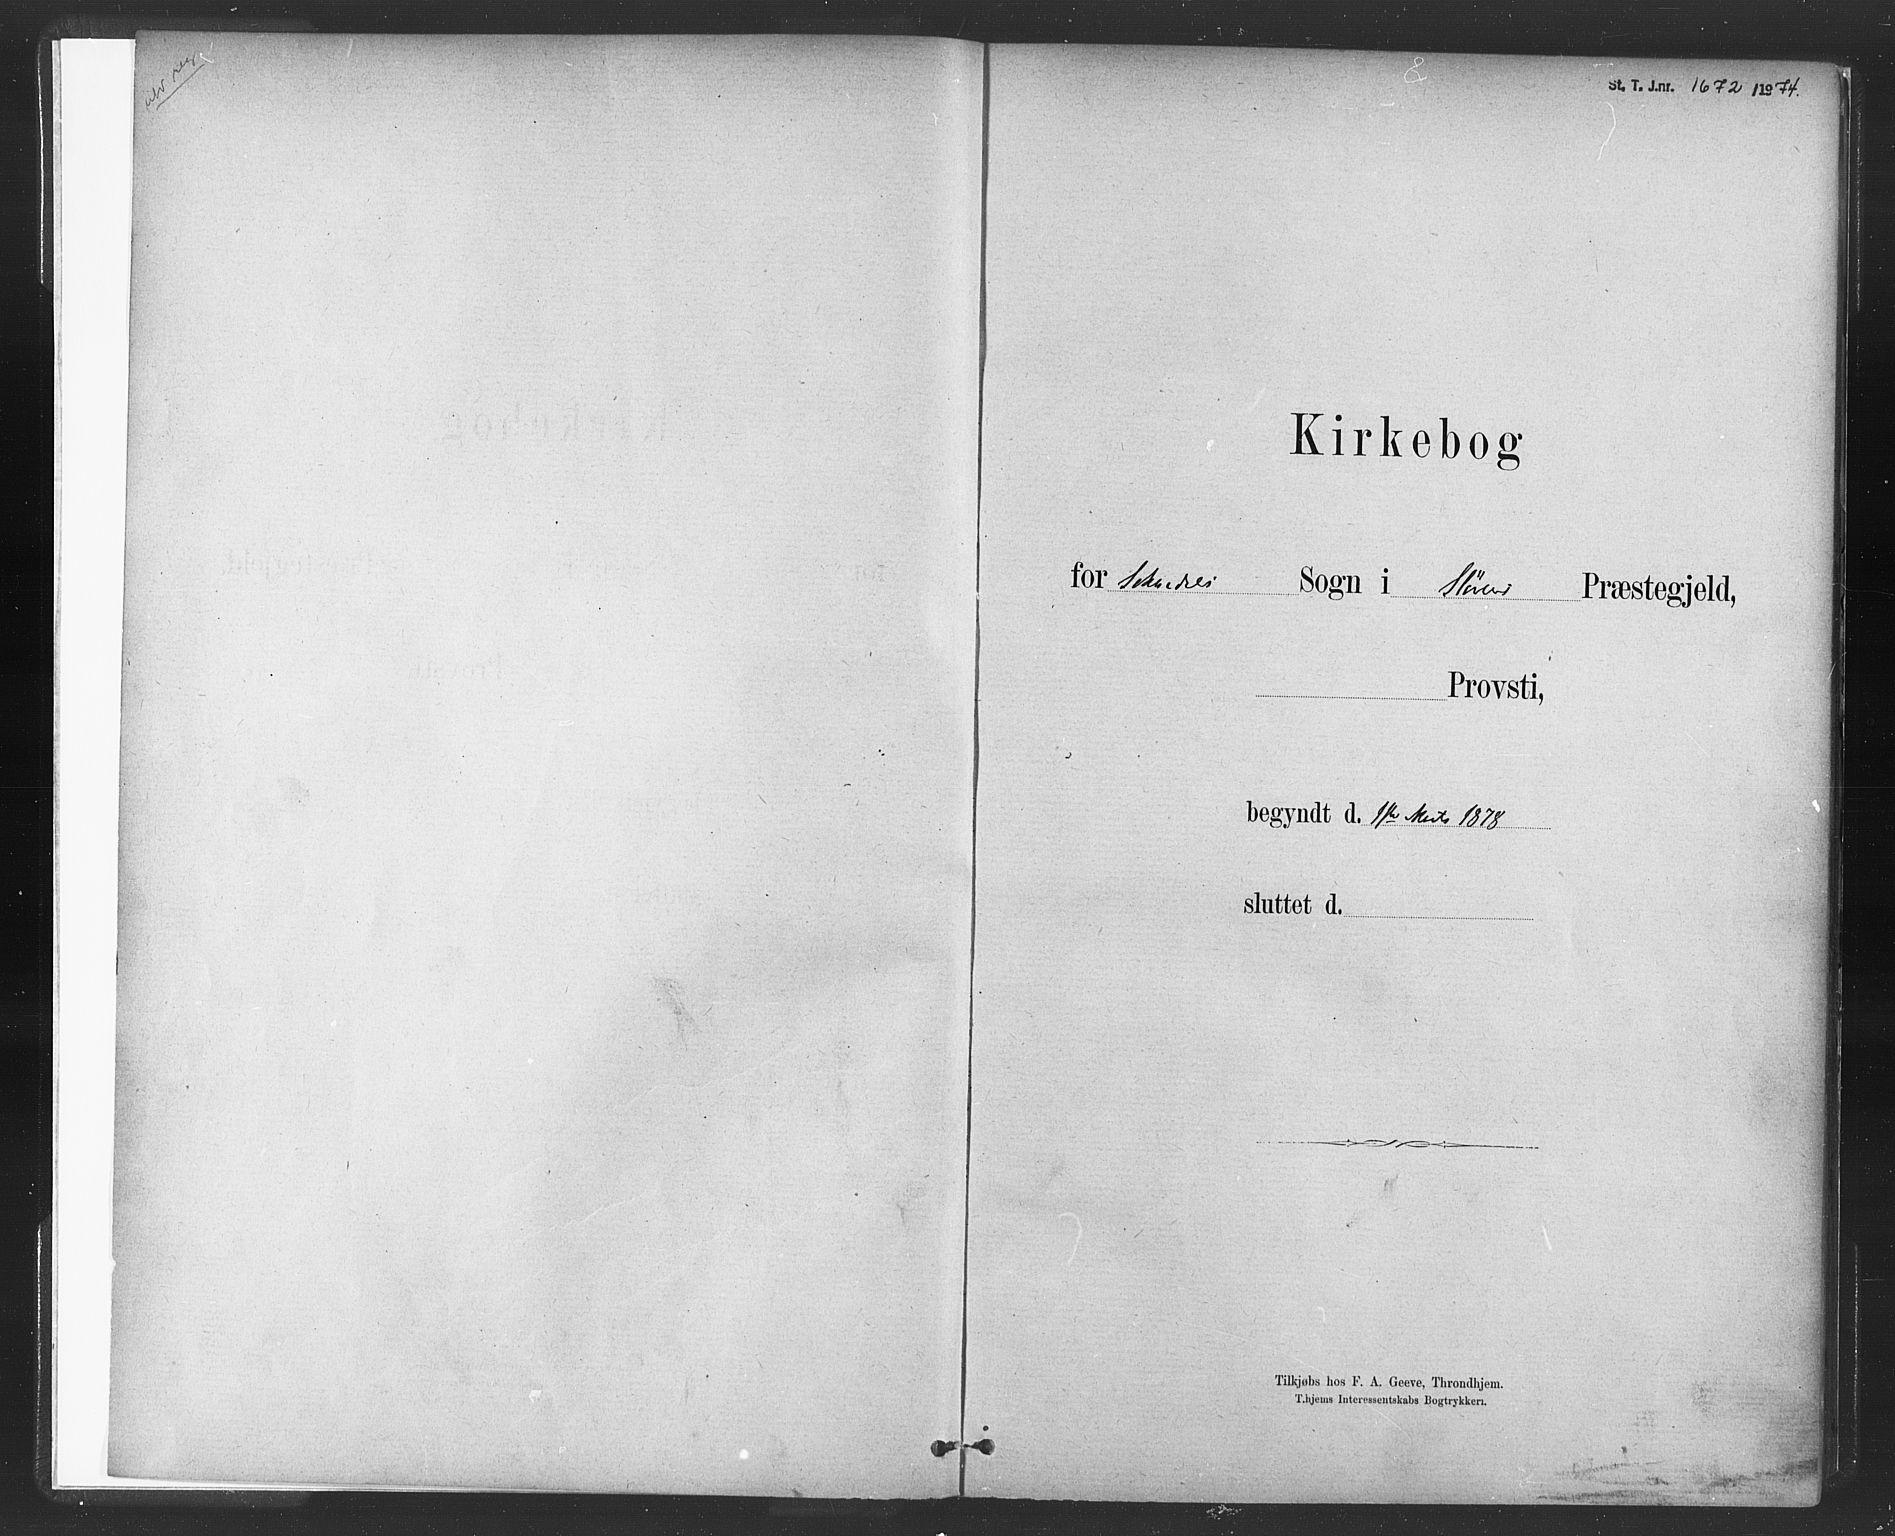 SAT, Ministerialprotokoller, klokkerbøker og fødselsregistre - Sør-Trøndelag, 689/L1040: Ministerialbok nr. 689A05, 1878-1890